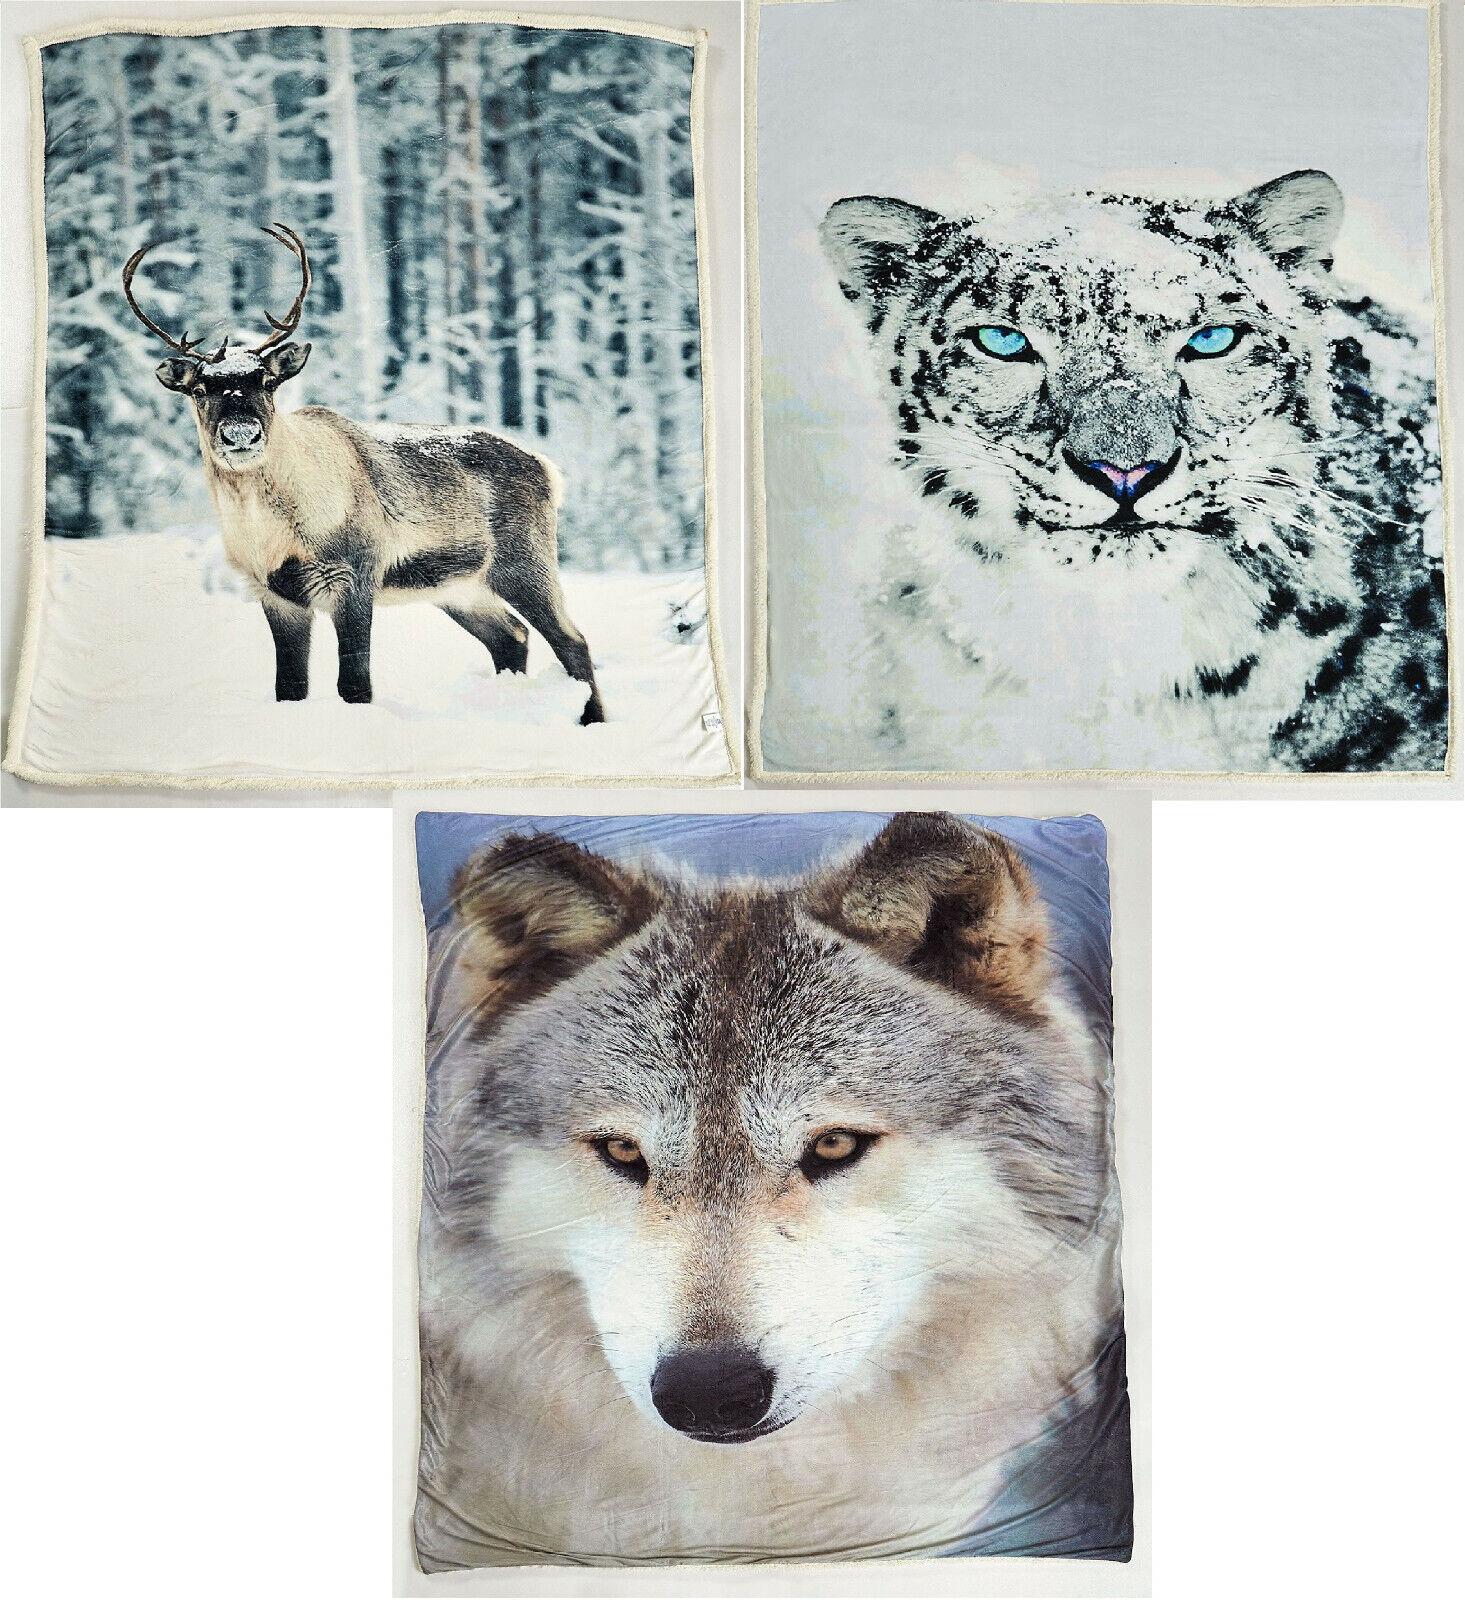 Sherpa Fleecedecke Wohnen Kuschel 150x200 cm Rentier Wolf Schneeleopard weich